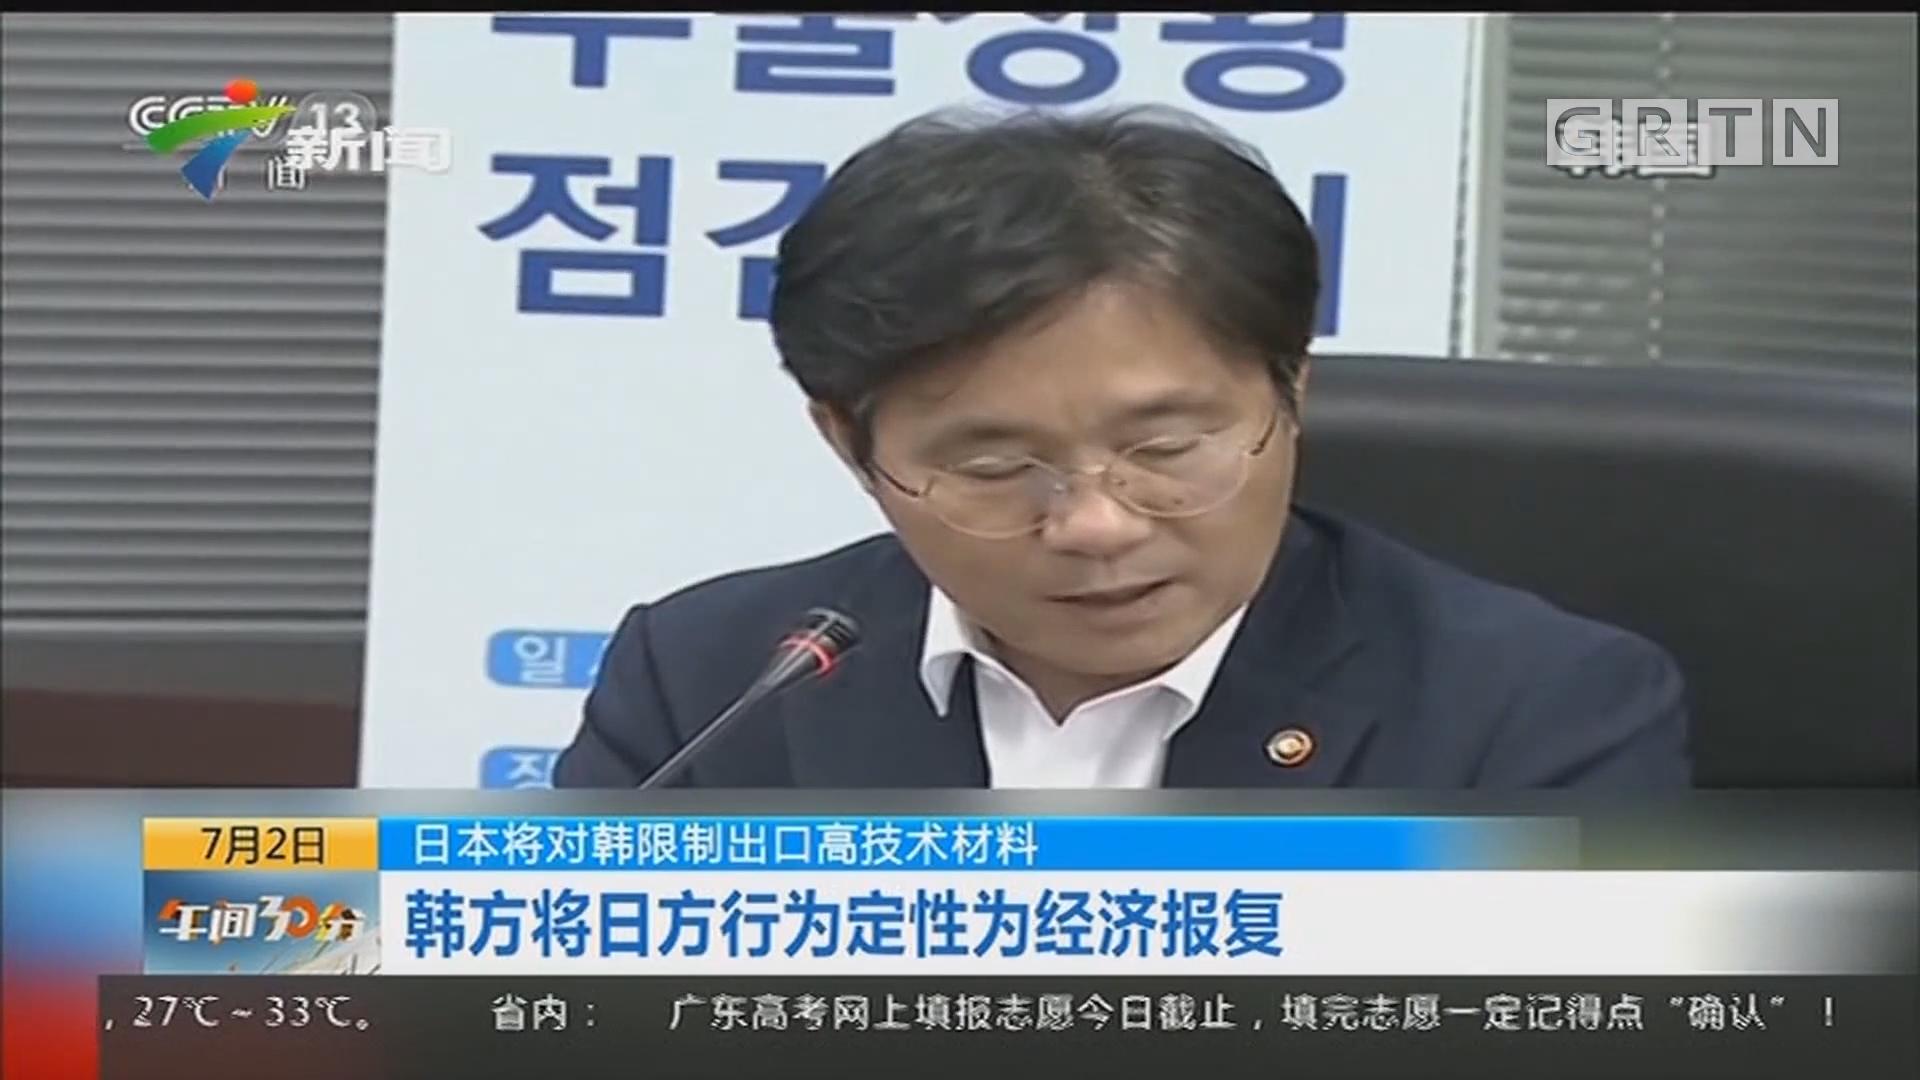 日本将对韩限制出口高技术材料:韩方将日方行为定性为经济报复